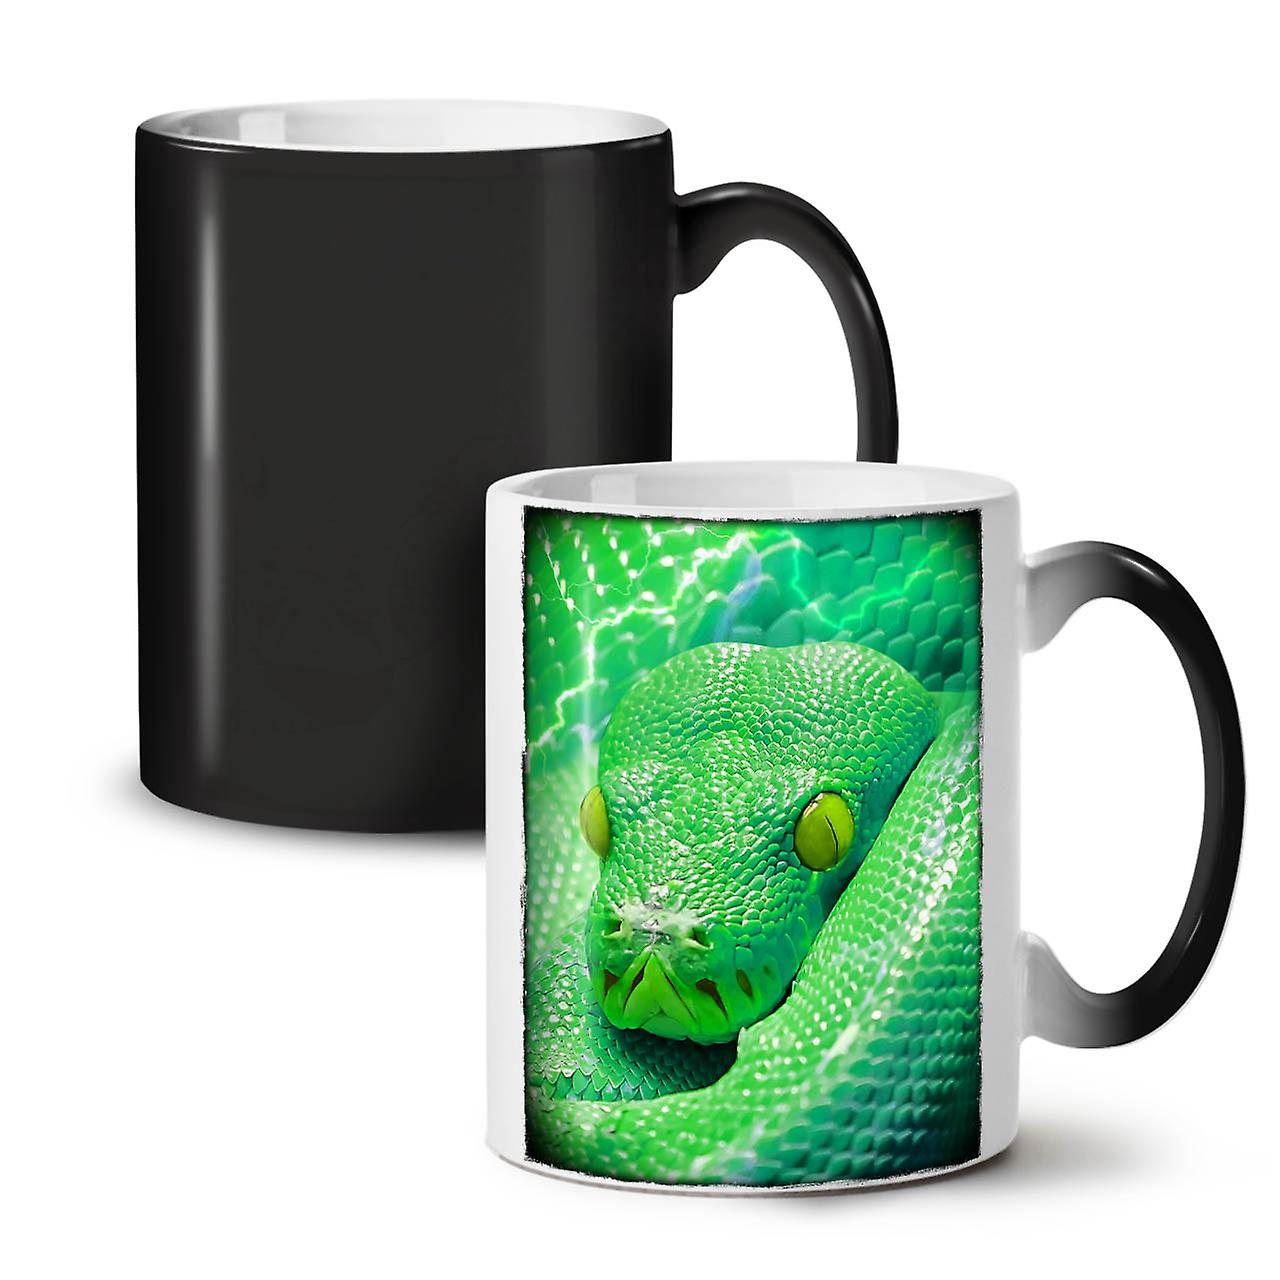 Serpent Changeant Tasse OzWellcoda Thé Nouveau Céramique Café Vert Noir 11 Mignon Coloris w0nOPk